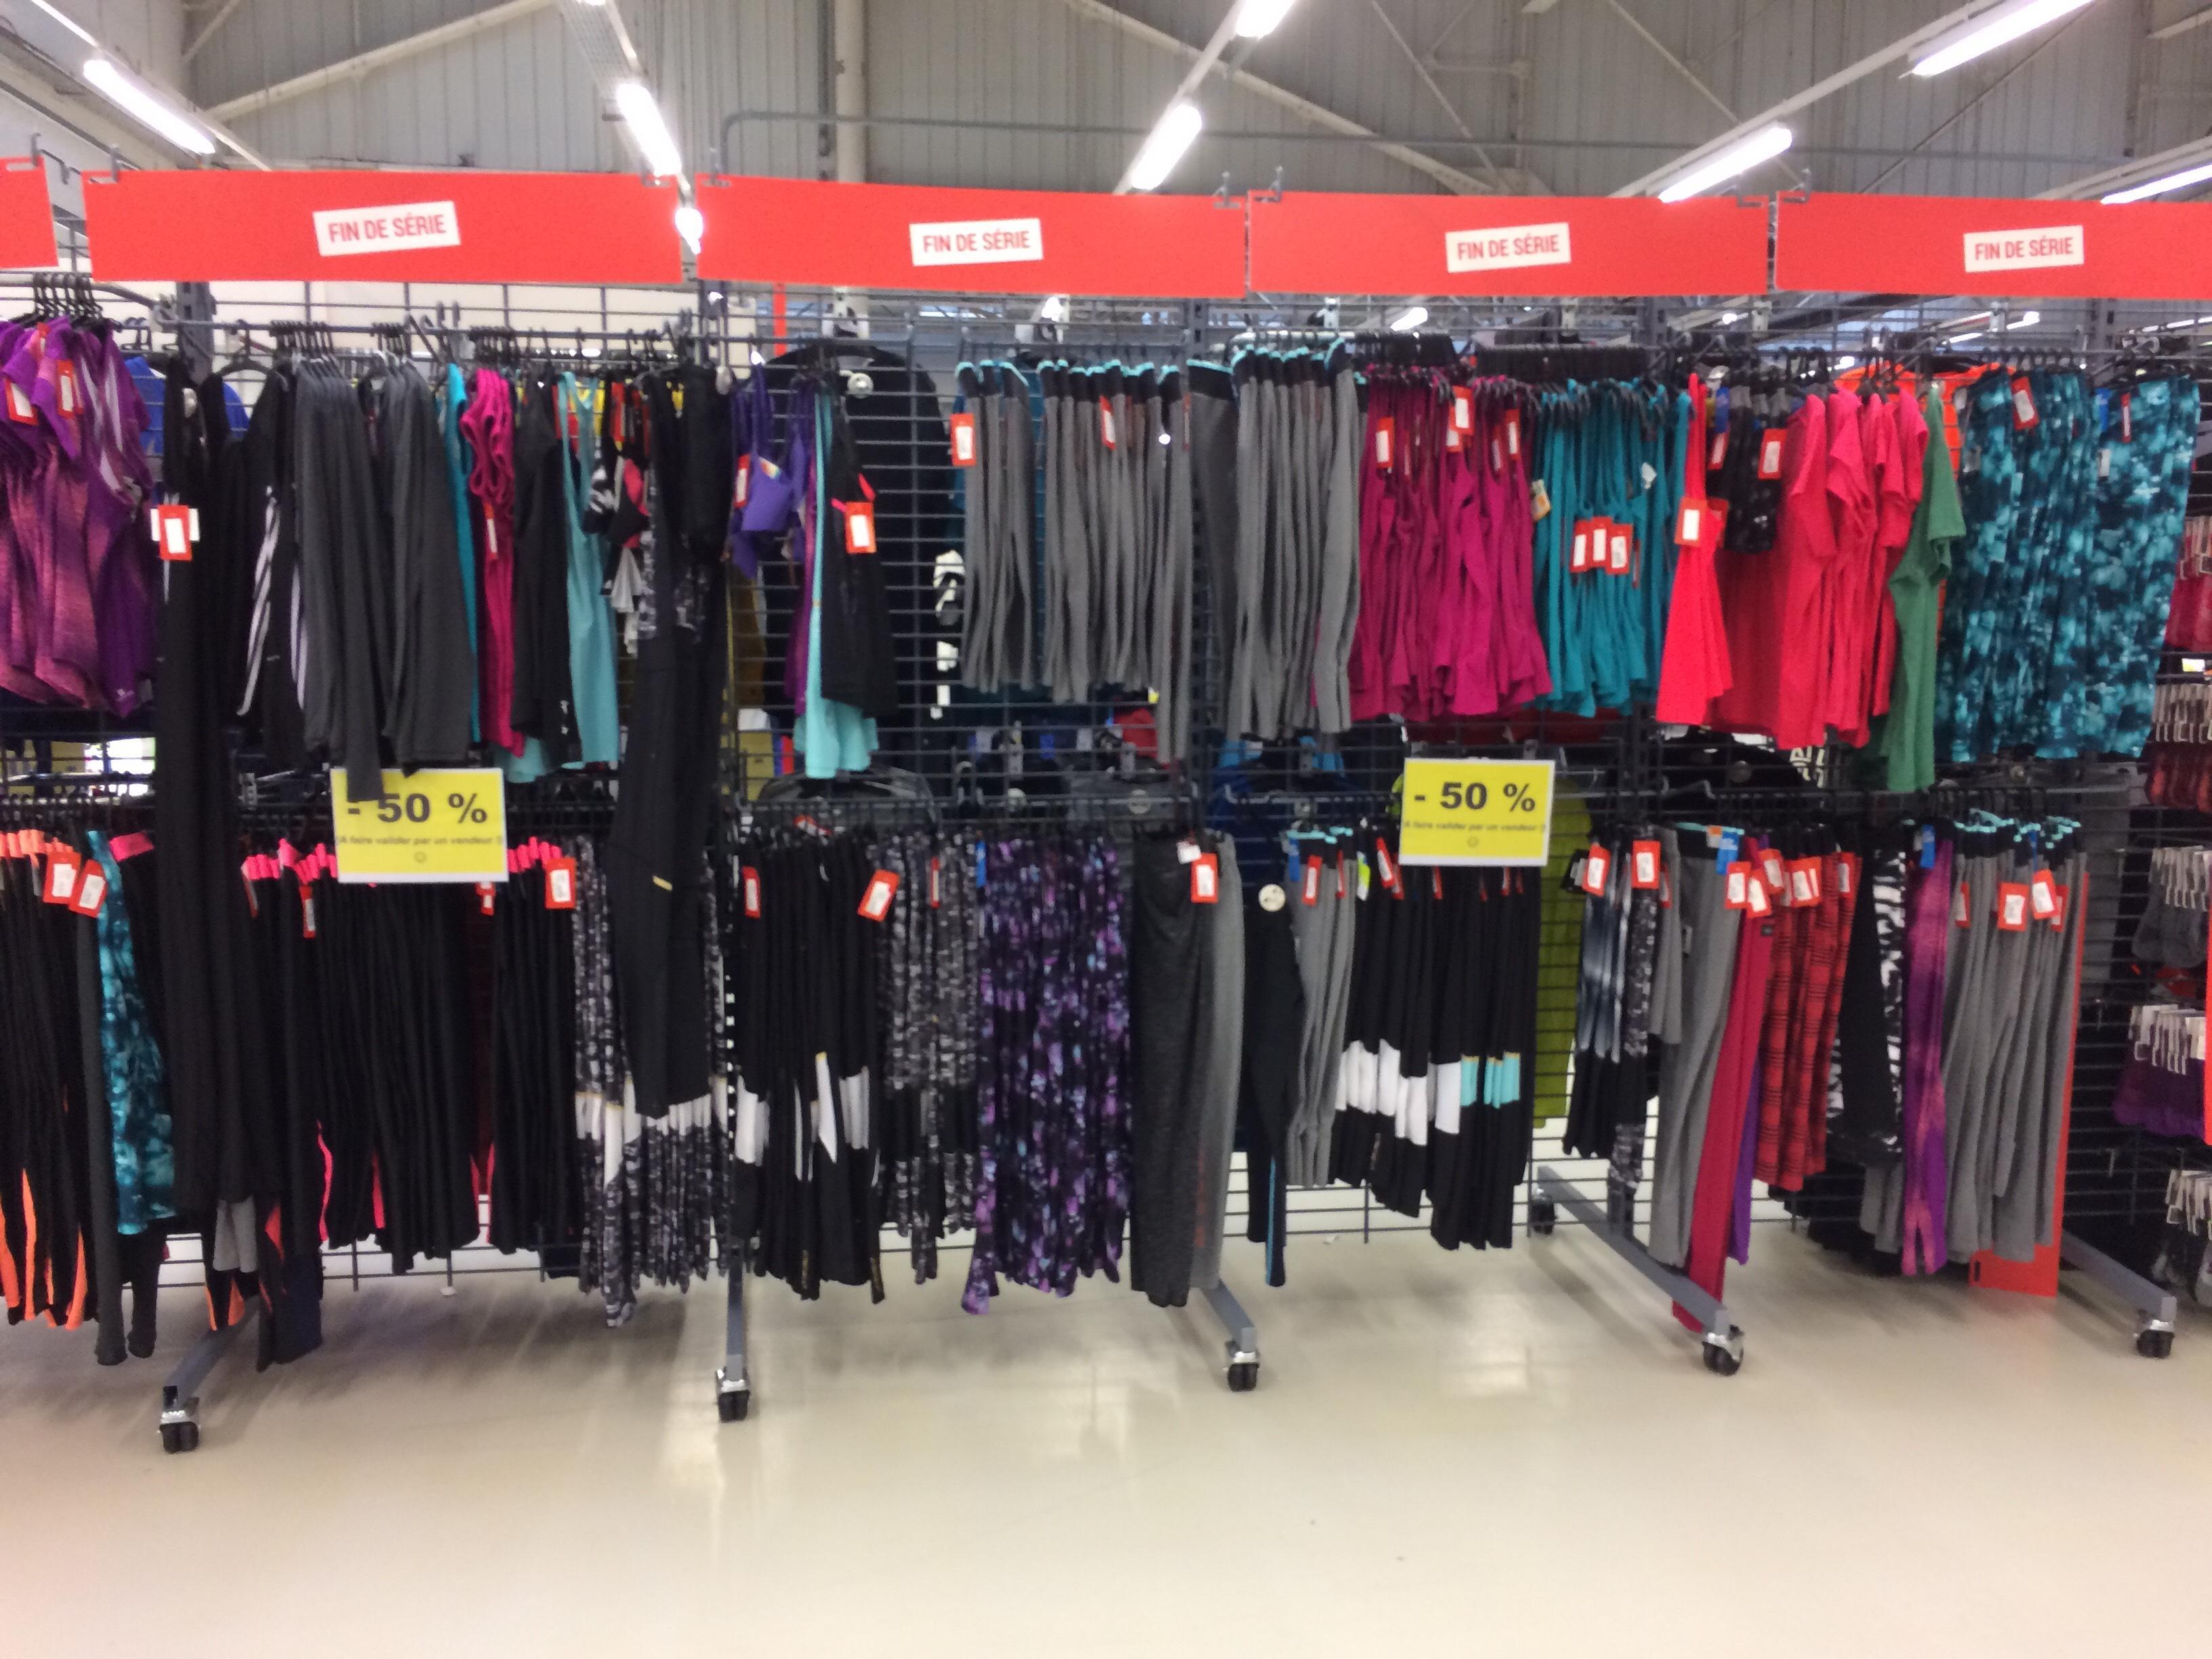 50% de réduction sur une sélection de produits soldés - Ex : T-shirt Nike Dry fit